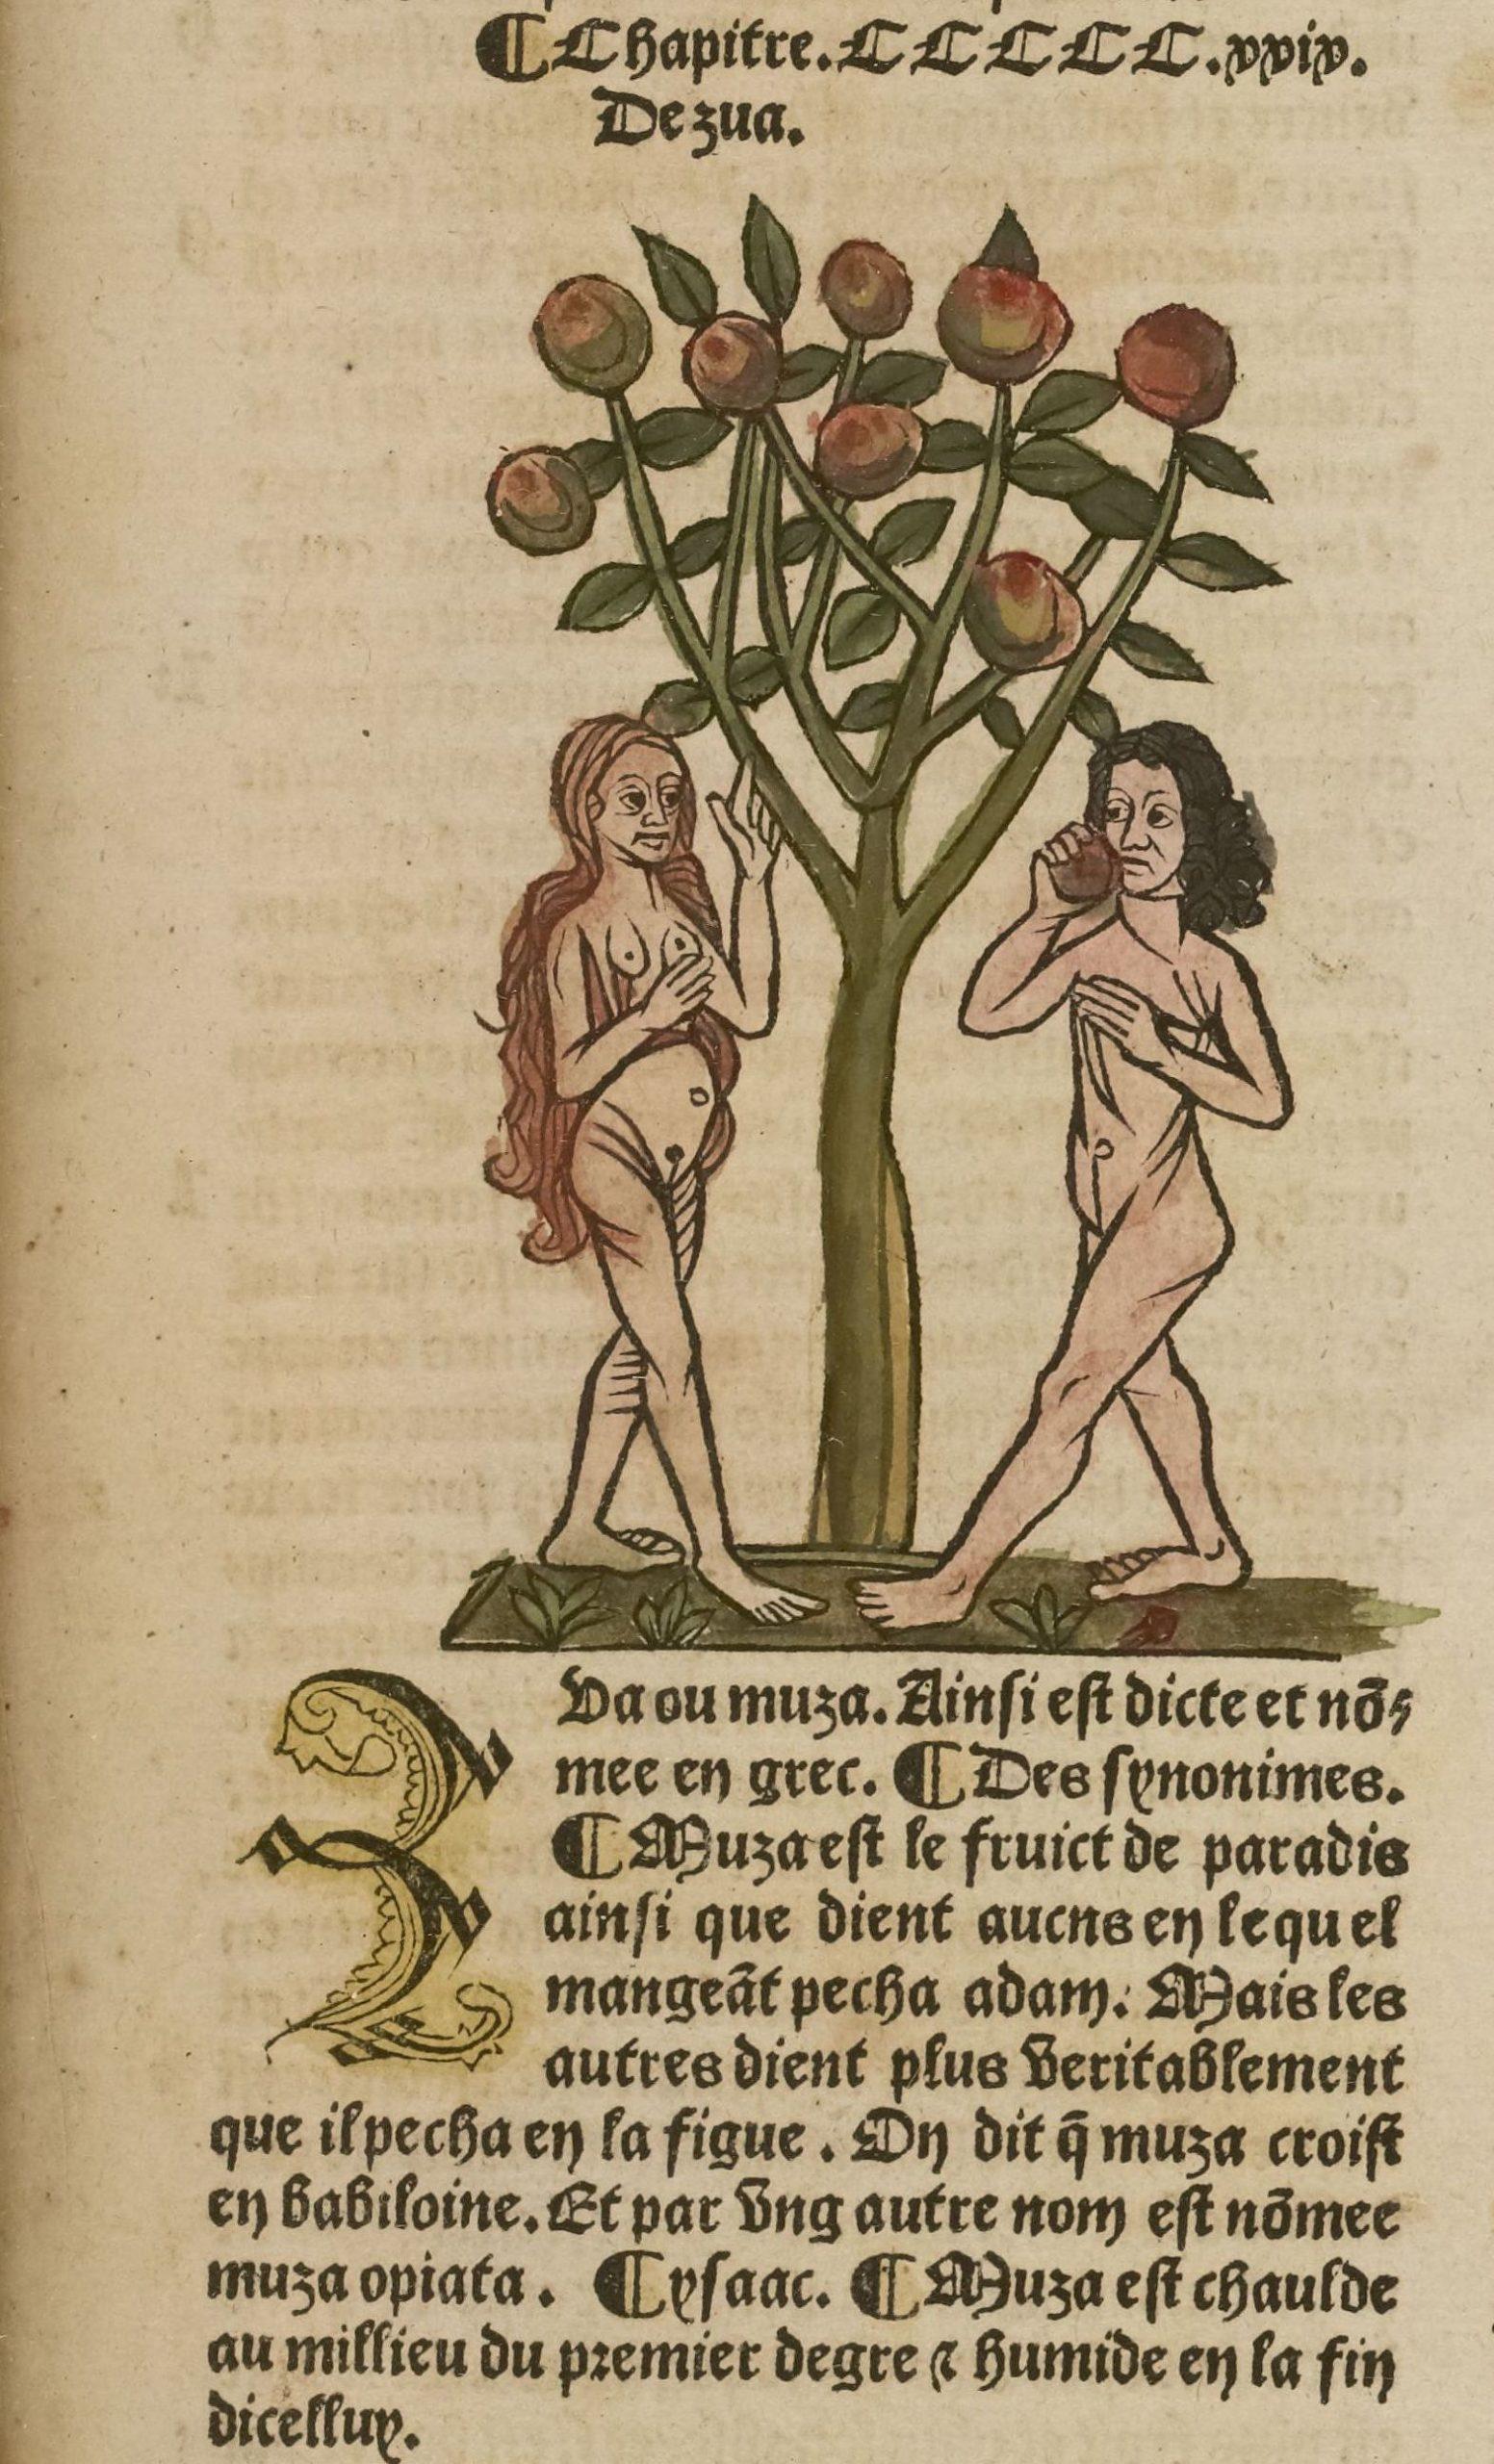 Le fruit de paradis (bananier). Ortus sanitatis translaté de latin en françois, Paris, Antoine Vérard, [1499-1502], chap. 529.